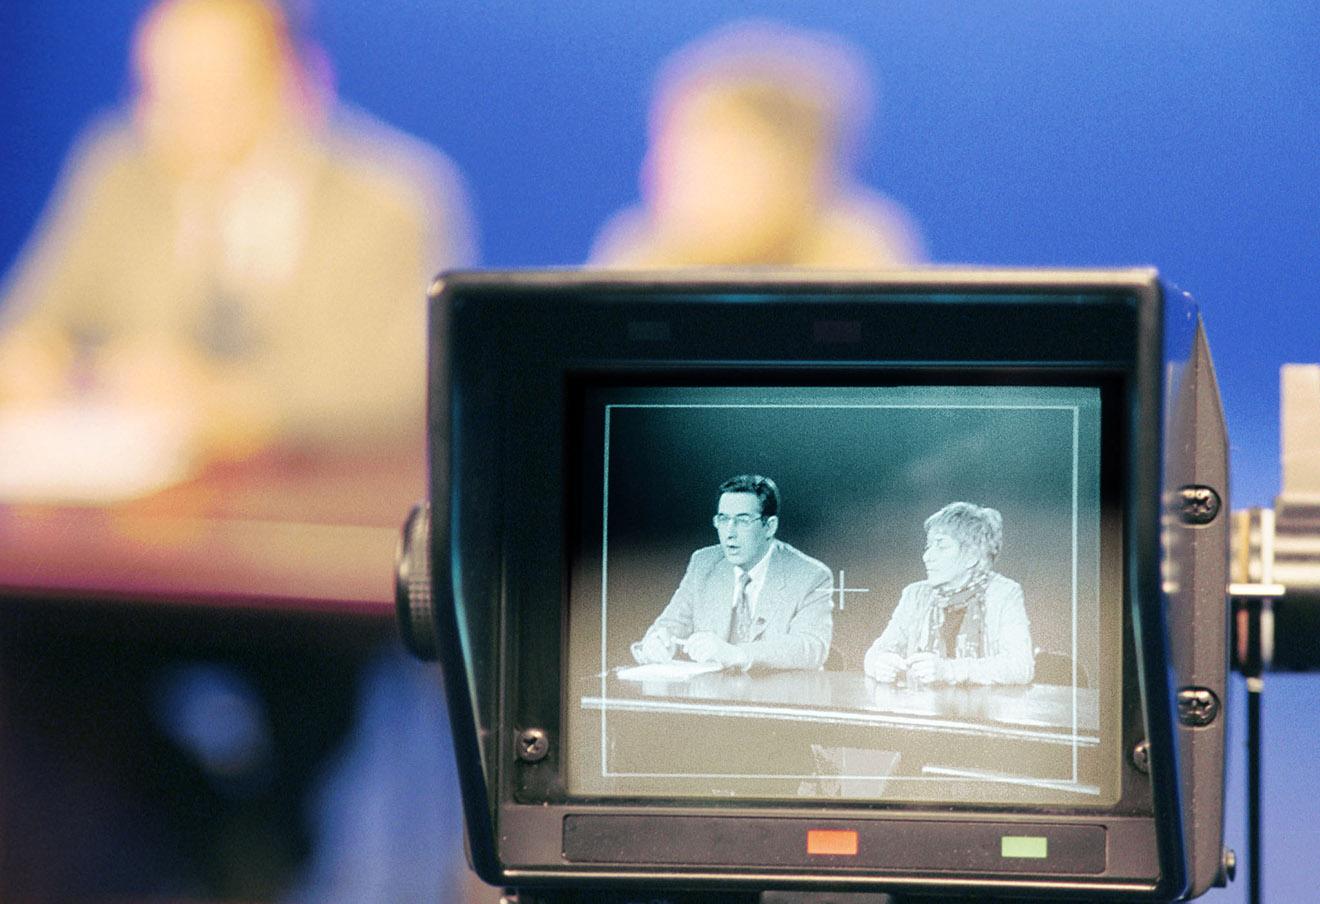 В эфирной студии ТНТ Андрей Норкин и Маша Слоним в день, когда около 40 сотрудников НТВ подали заявления об уходе из компании, 2001 год.